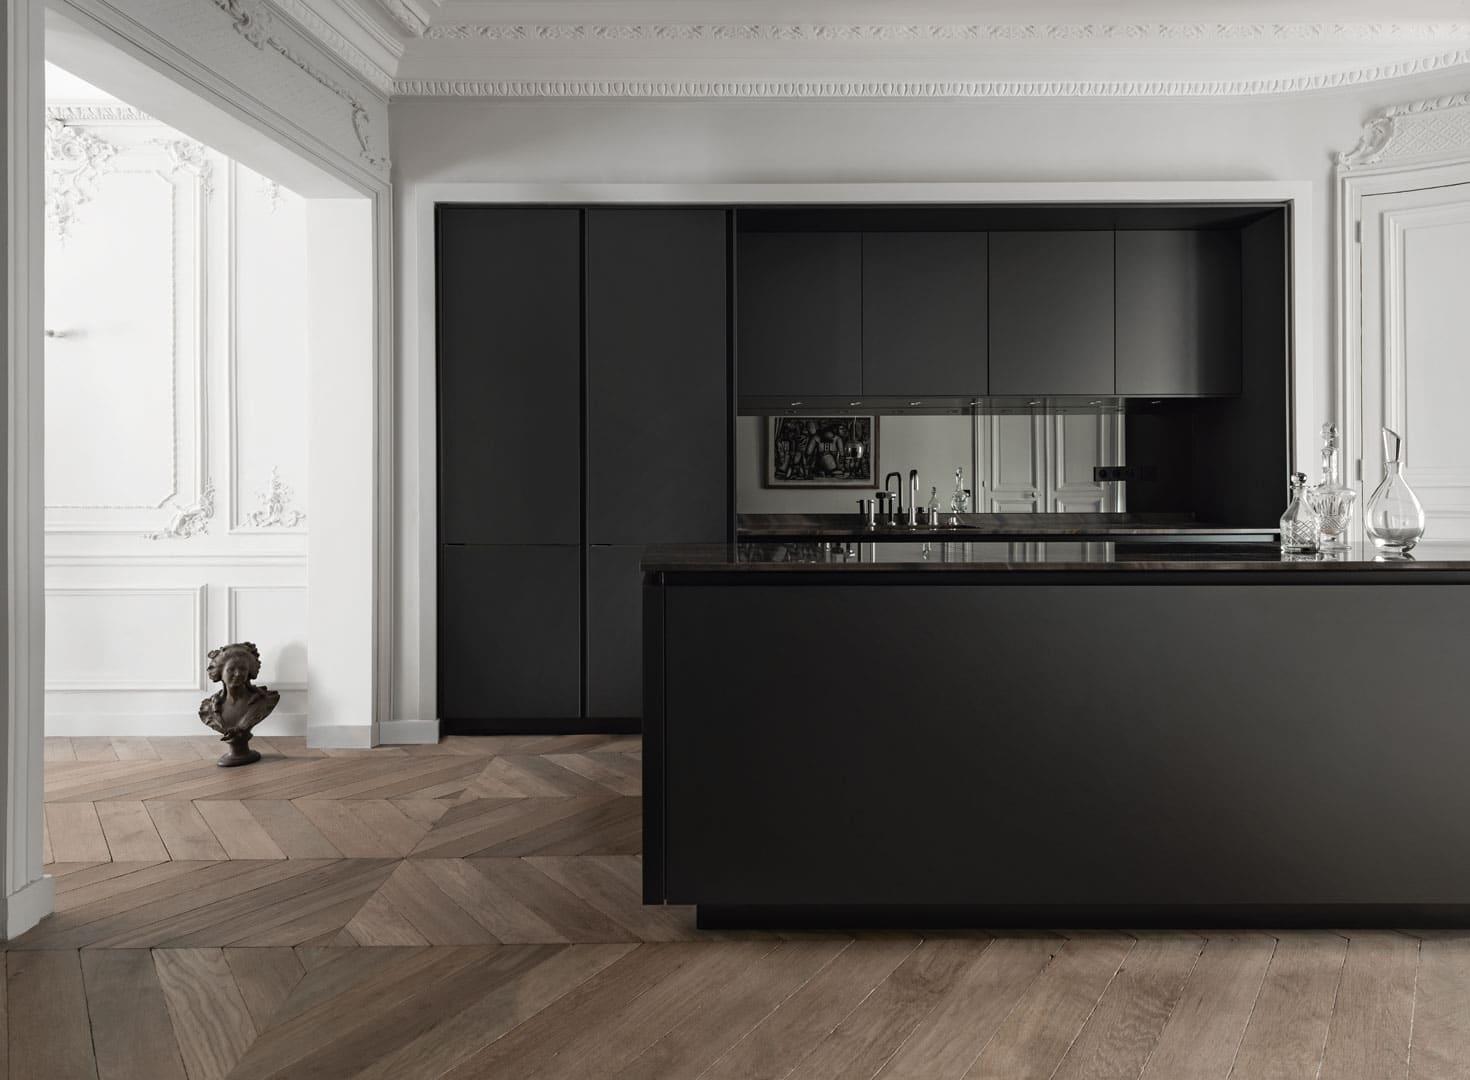 Küchentrend Peter - KüchenDesignMagazin-Lassen Sie sich inspirieren